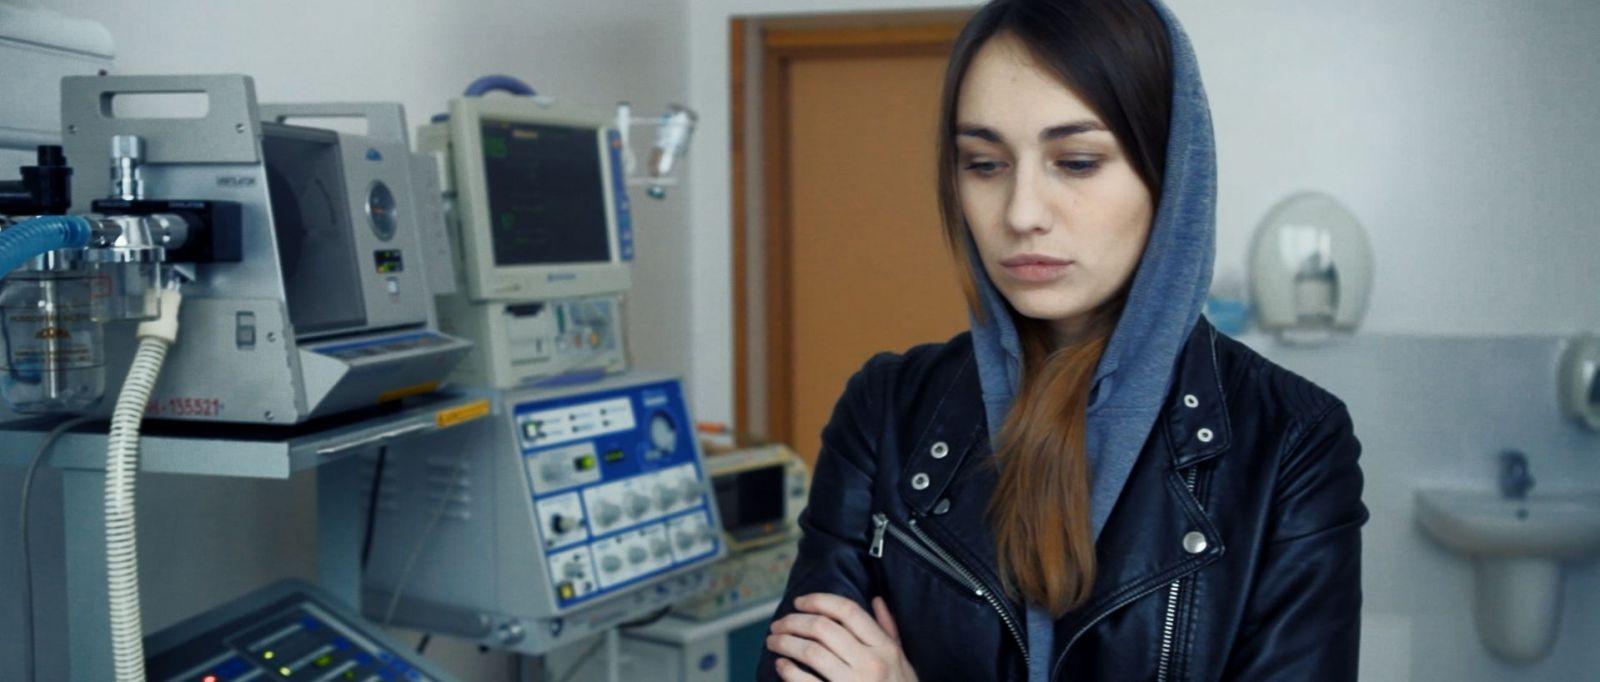 """Украинцам пощекочут нервы: снят мистический триллер """"Смертельно живой"""""""